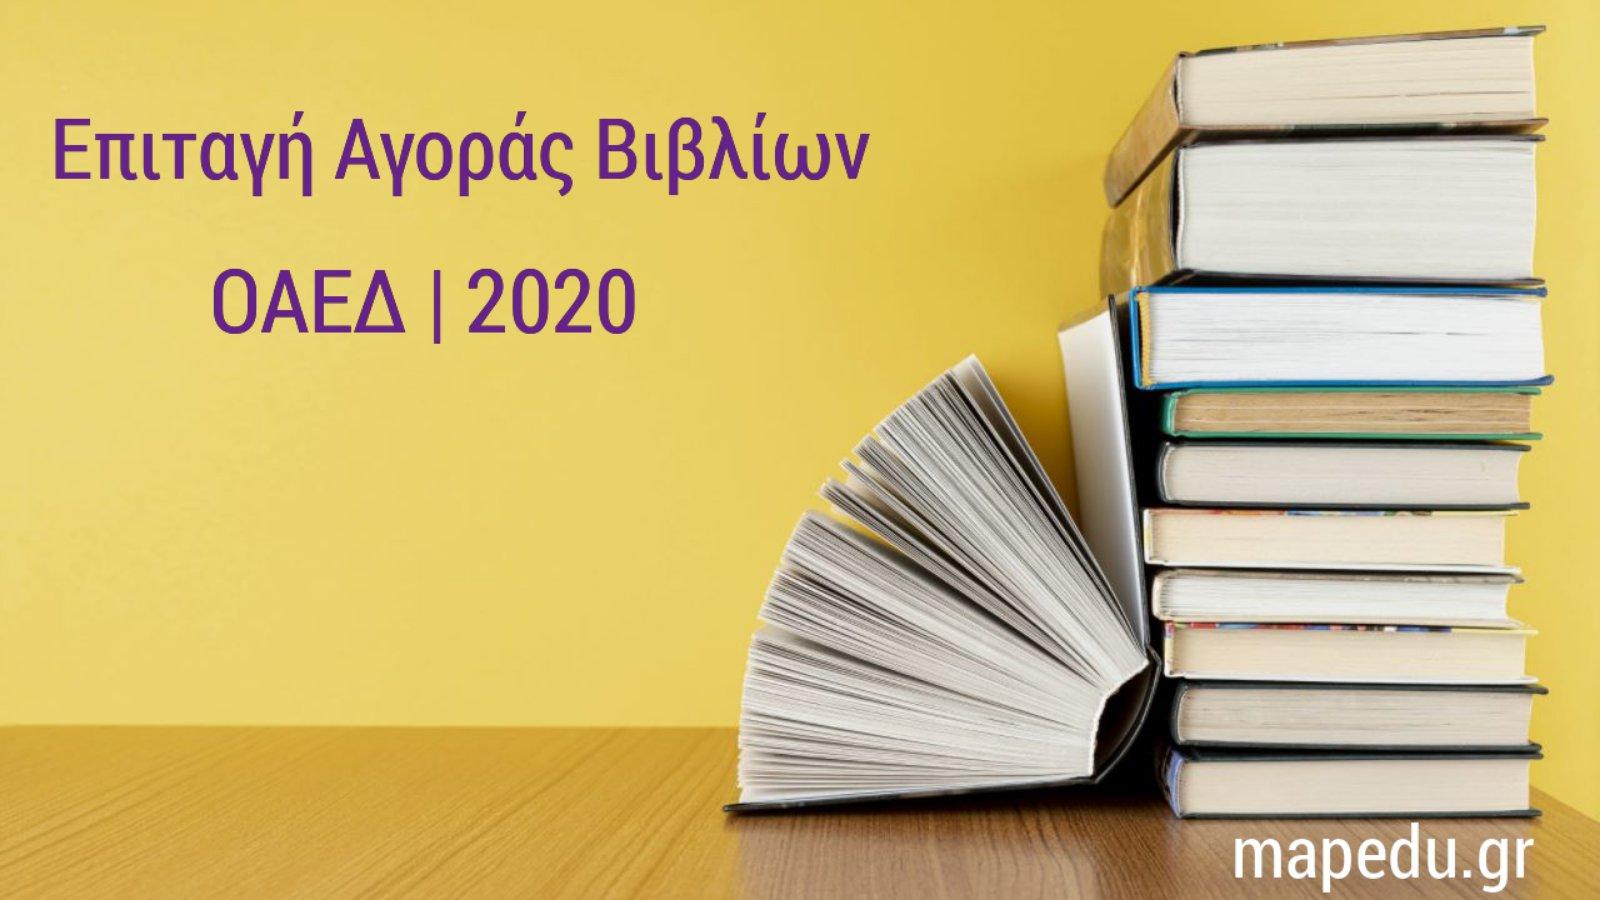 υποβολή αιτήσεων χορήγησης επιταγών για δωρεάν βιβλία - Οαεδ-2020